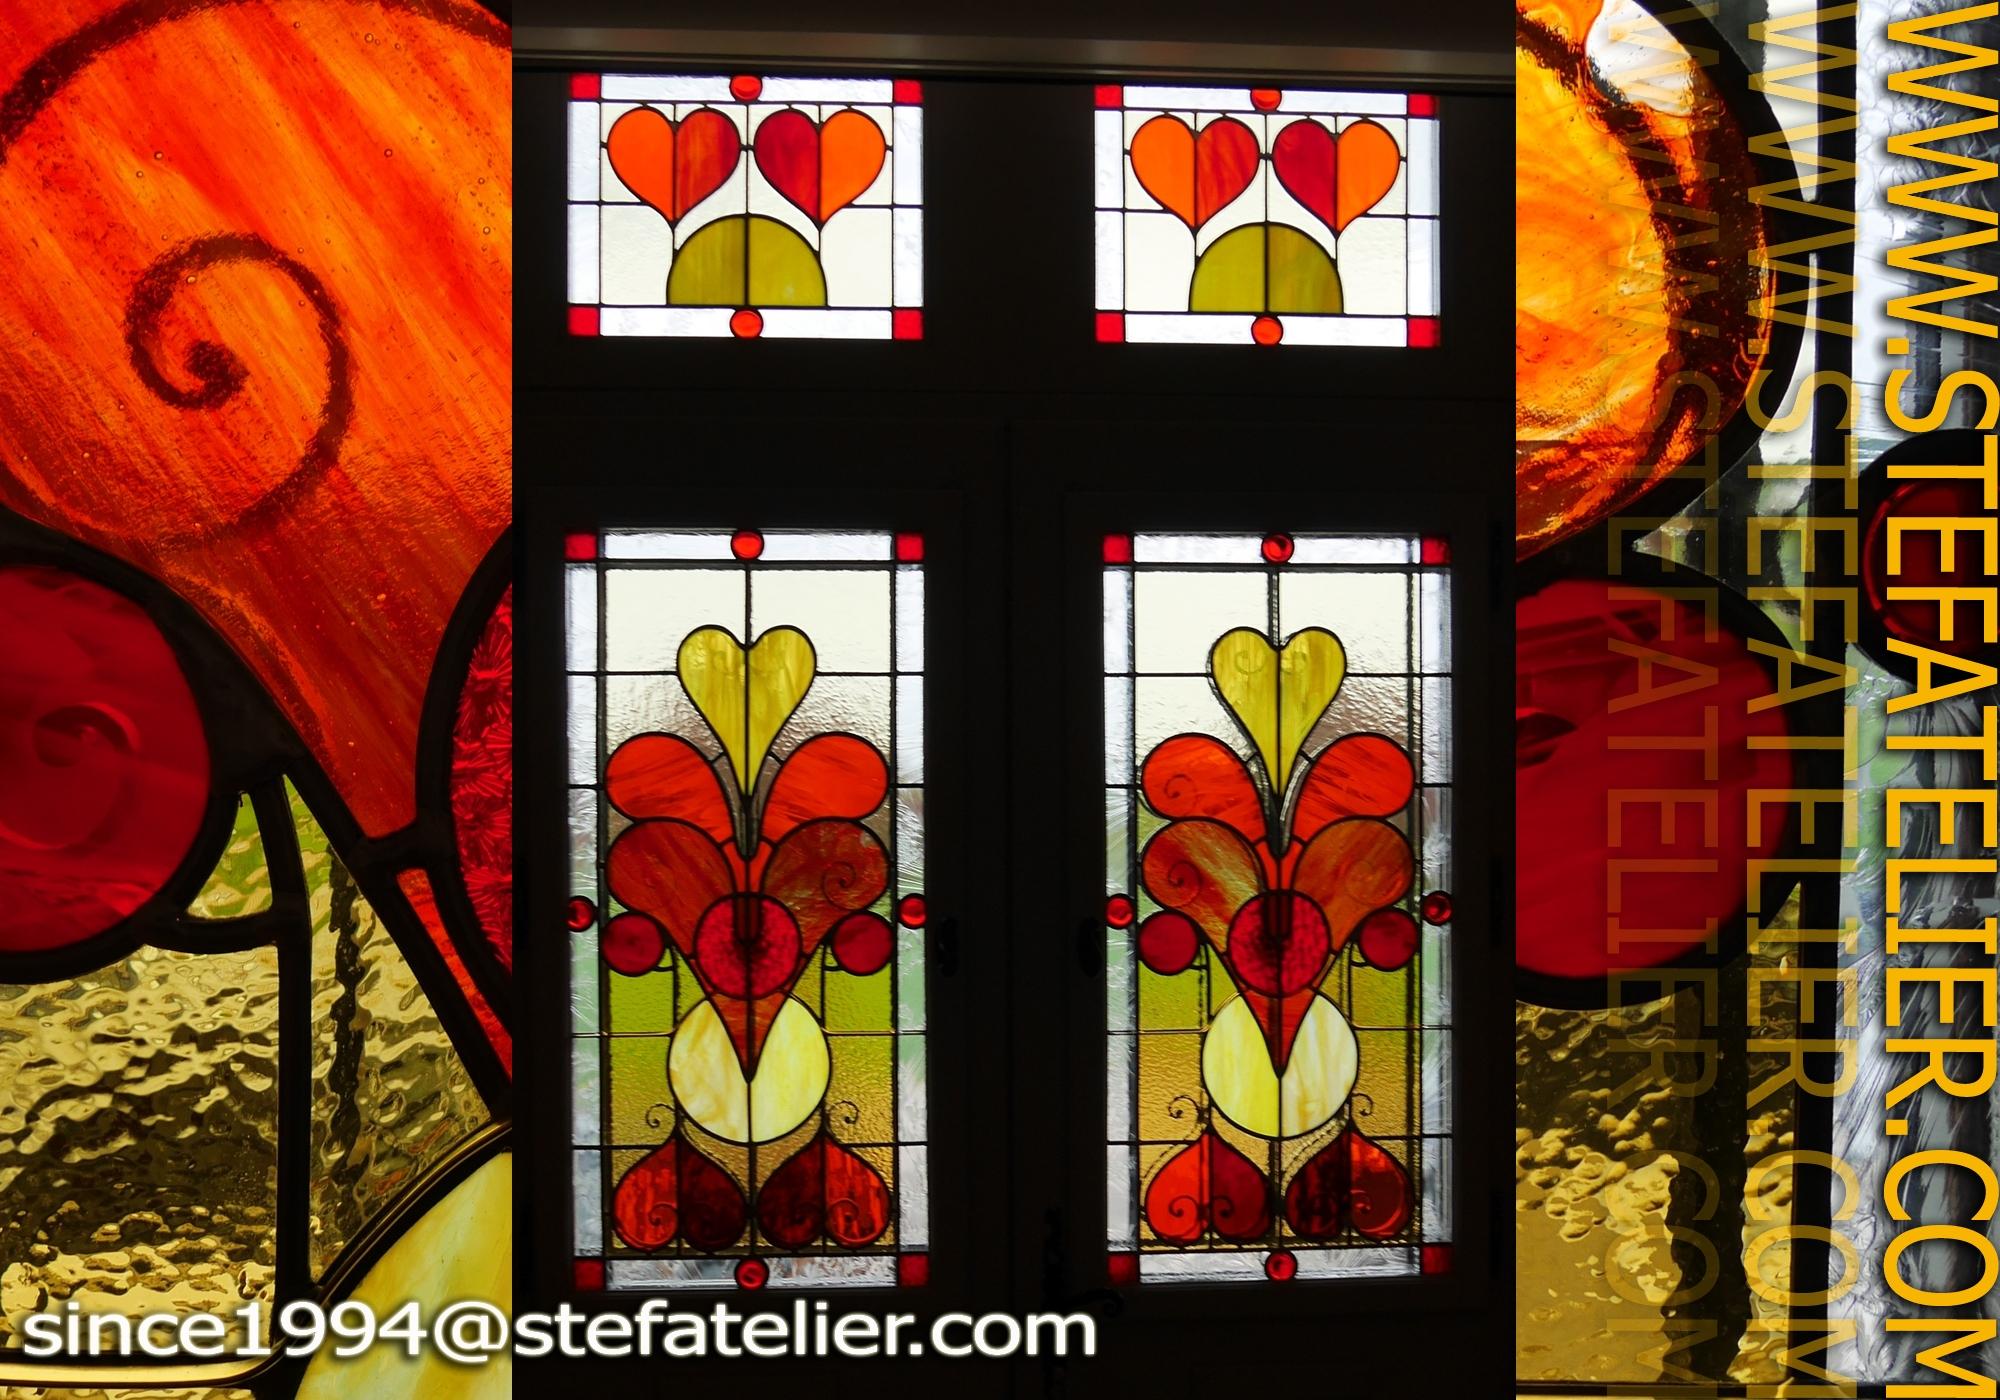 Vitrail porte d entr e avec grille stef atelier vitraux d art - Porte d entree avec vitrail ...